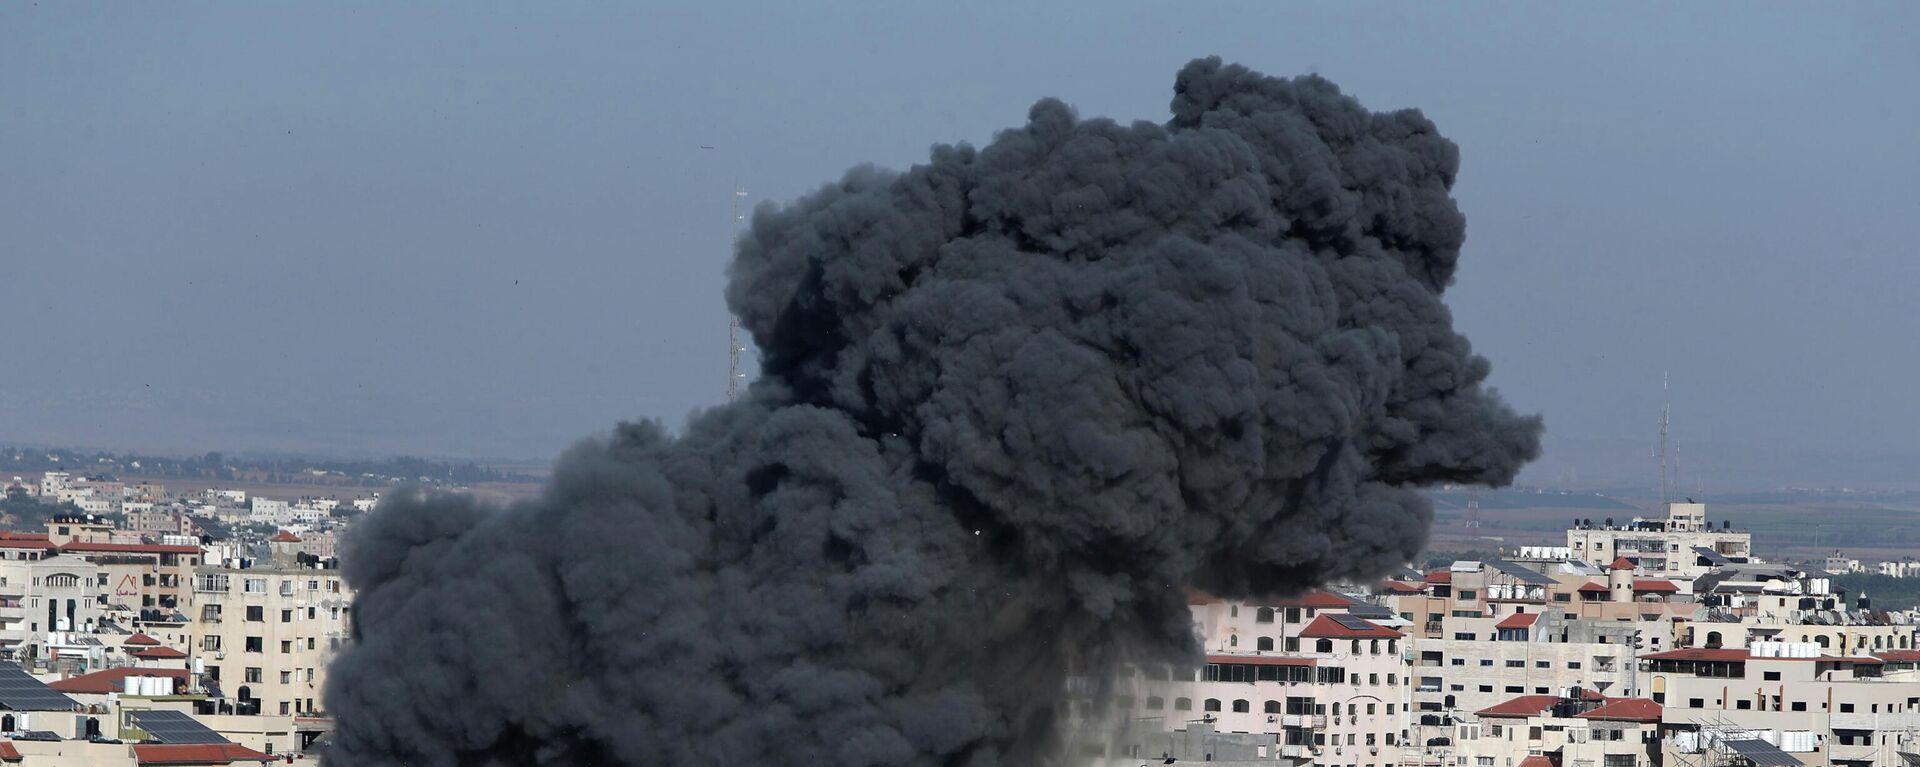 Un bombardeo israelí en Gaza, imagen referencial - Sputnik Mundo, 1920, 14.05.2021